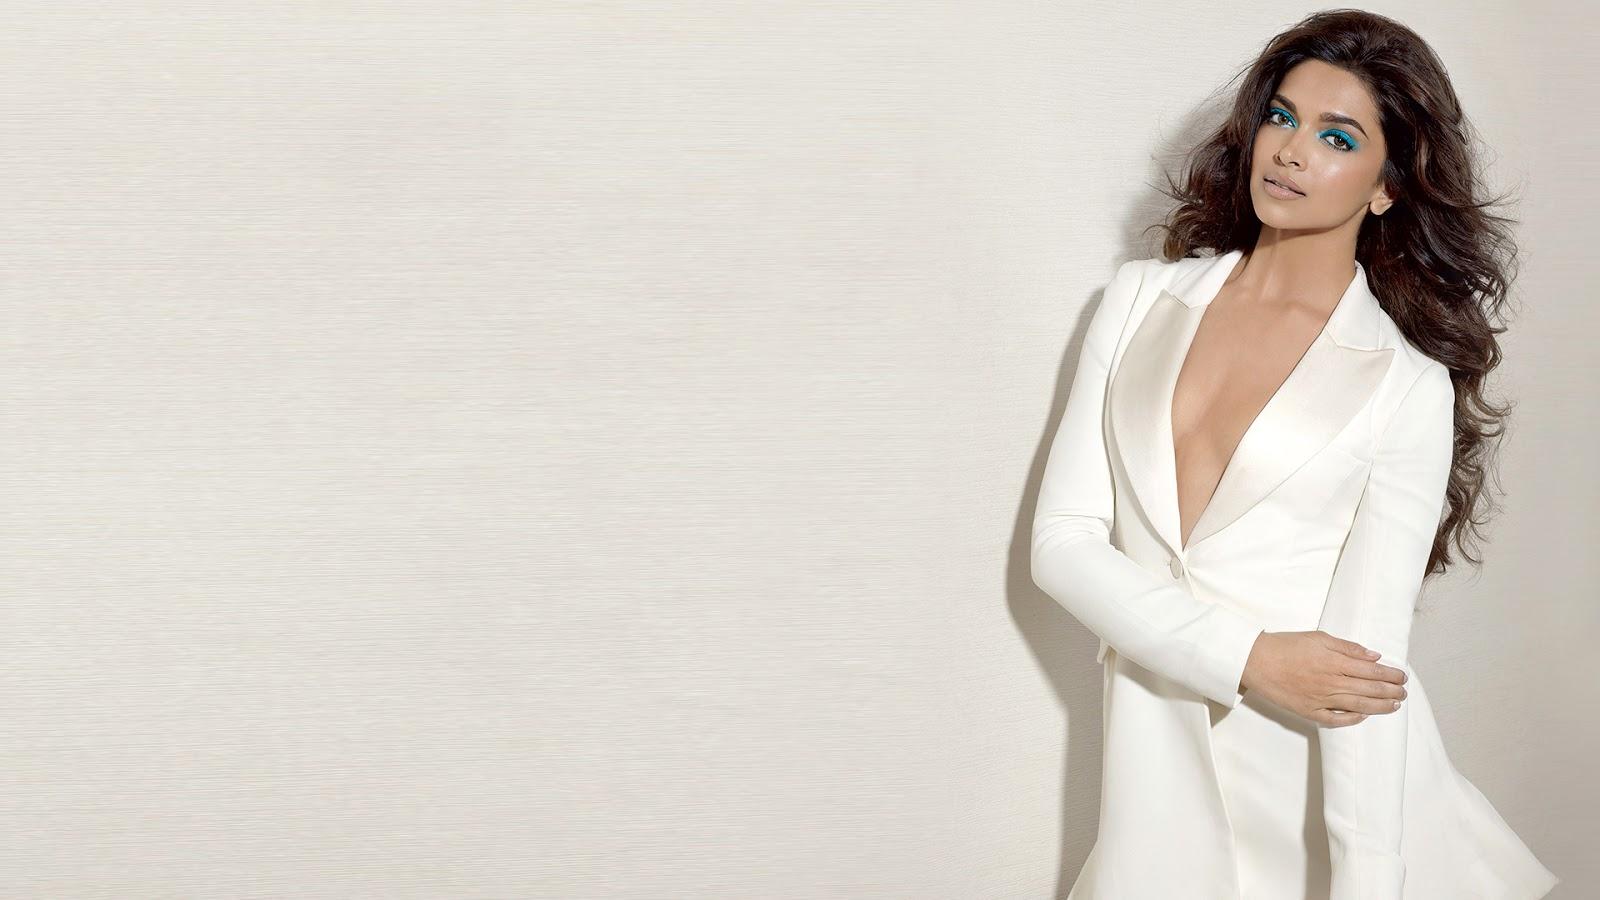 priyanka chopra hollywood movies hot photos wallpapers: deepika